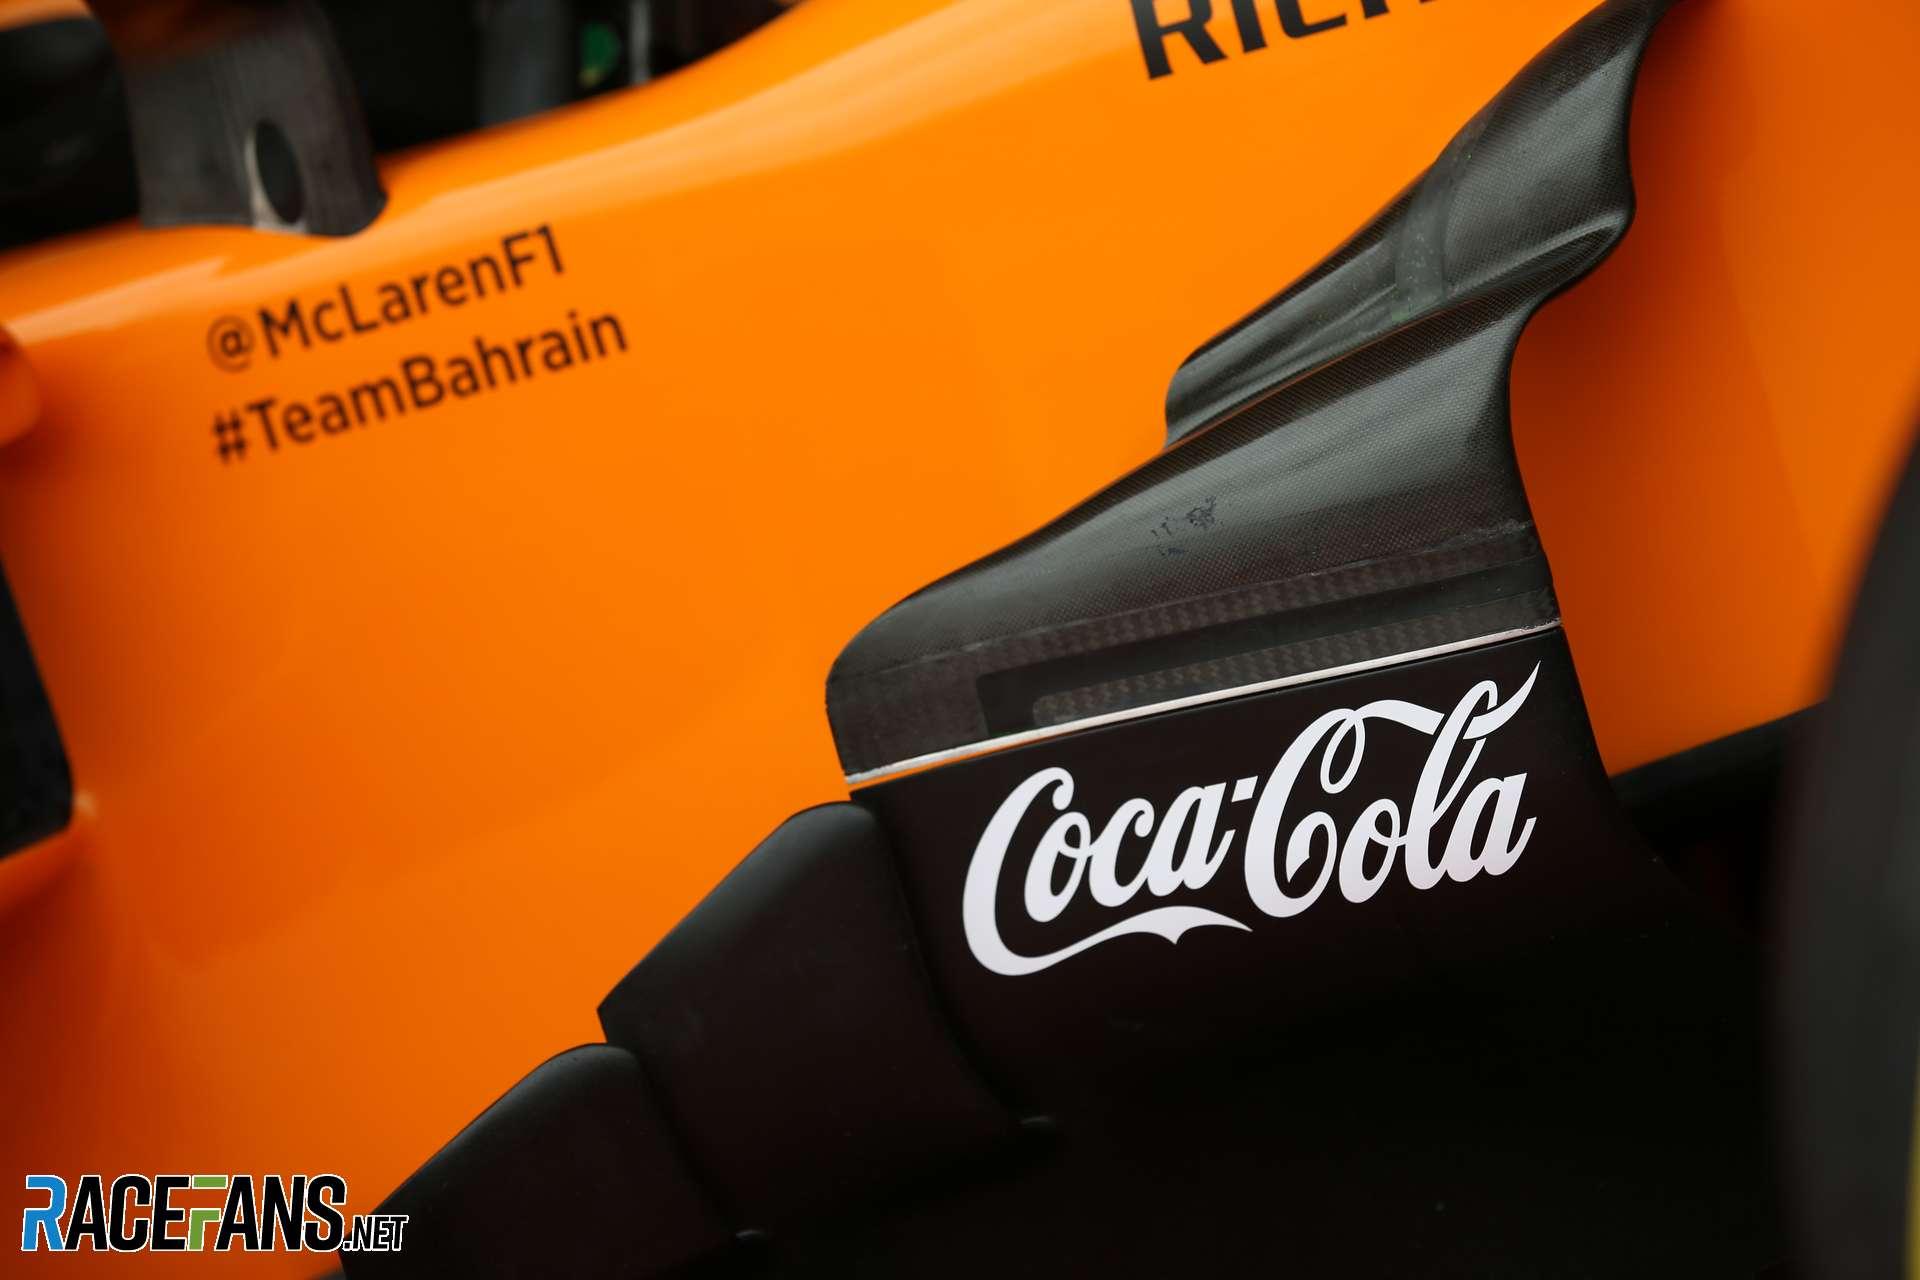 McLaren announce Coca-Cola sponsorship deal · RaceFans